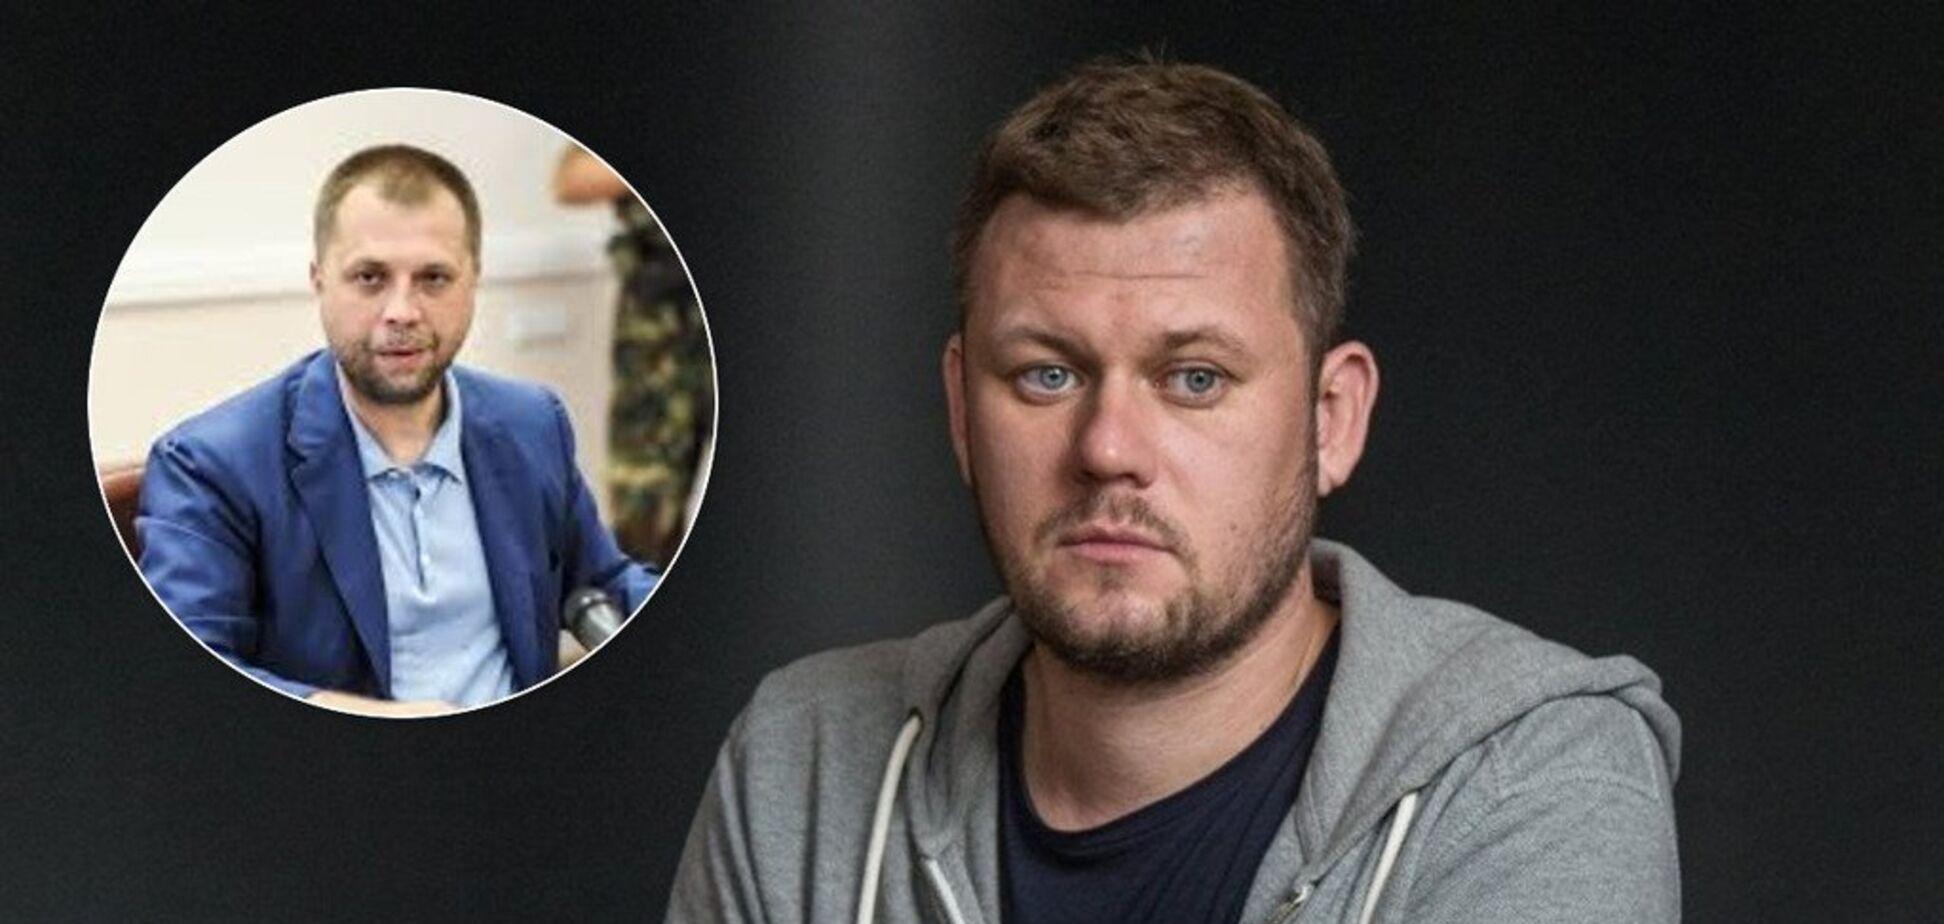 'Розпалювання ненависті!' Казанський пояснив одкровення ексватажка 'ДНР' щодо вбивства Мотороли